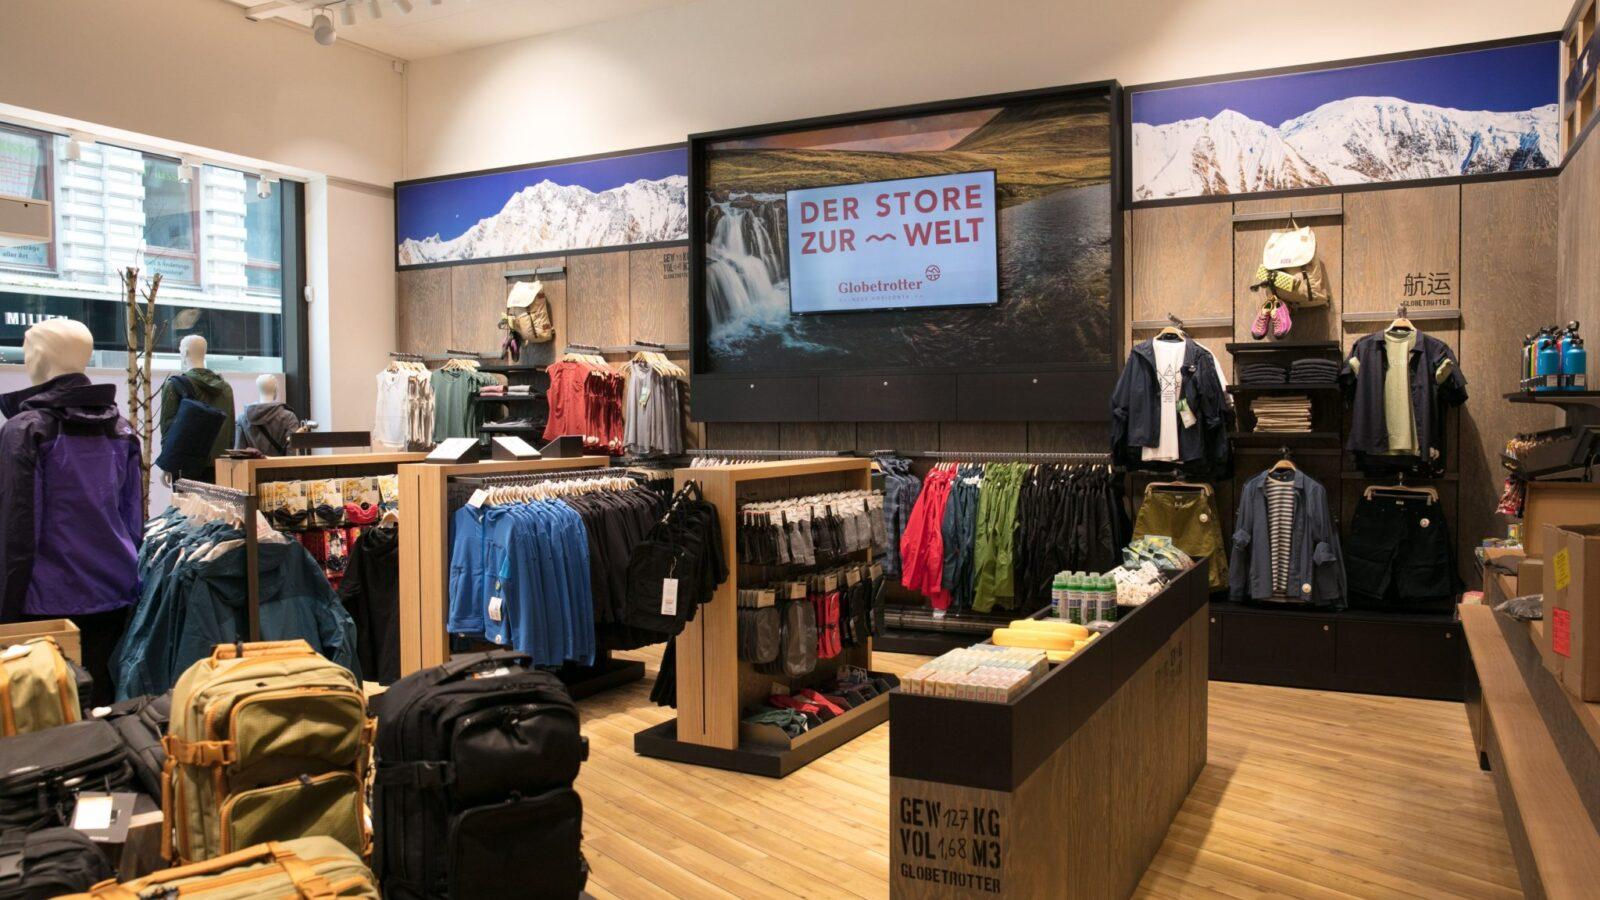 Der Store zur Welt